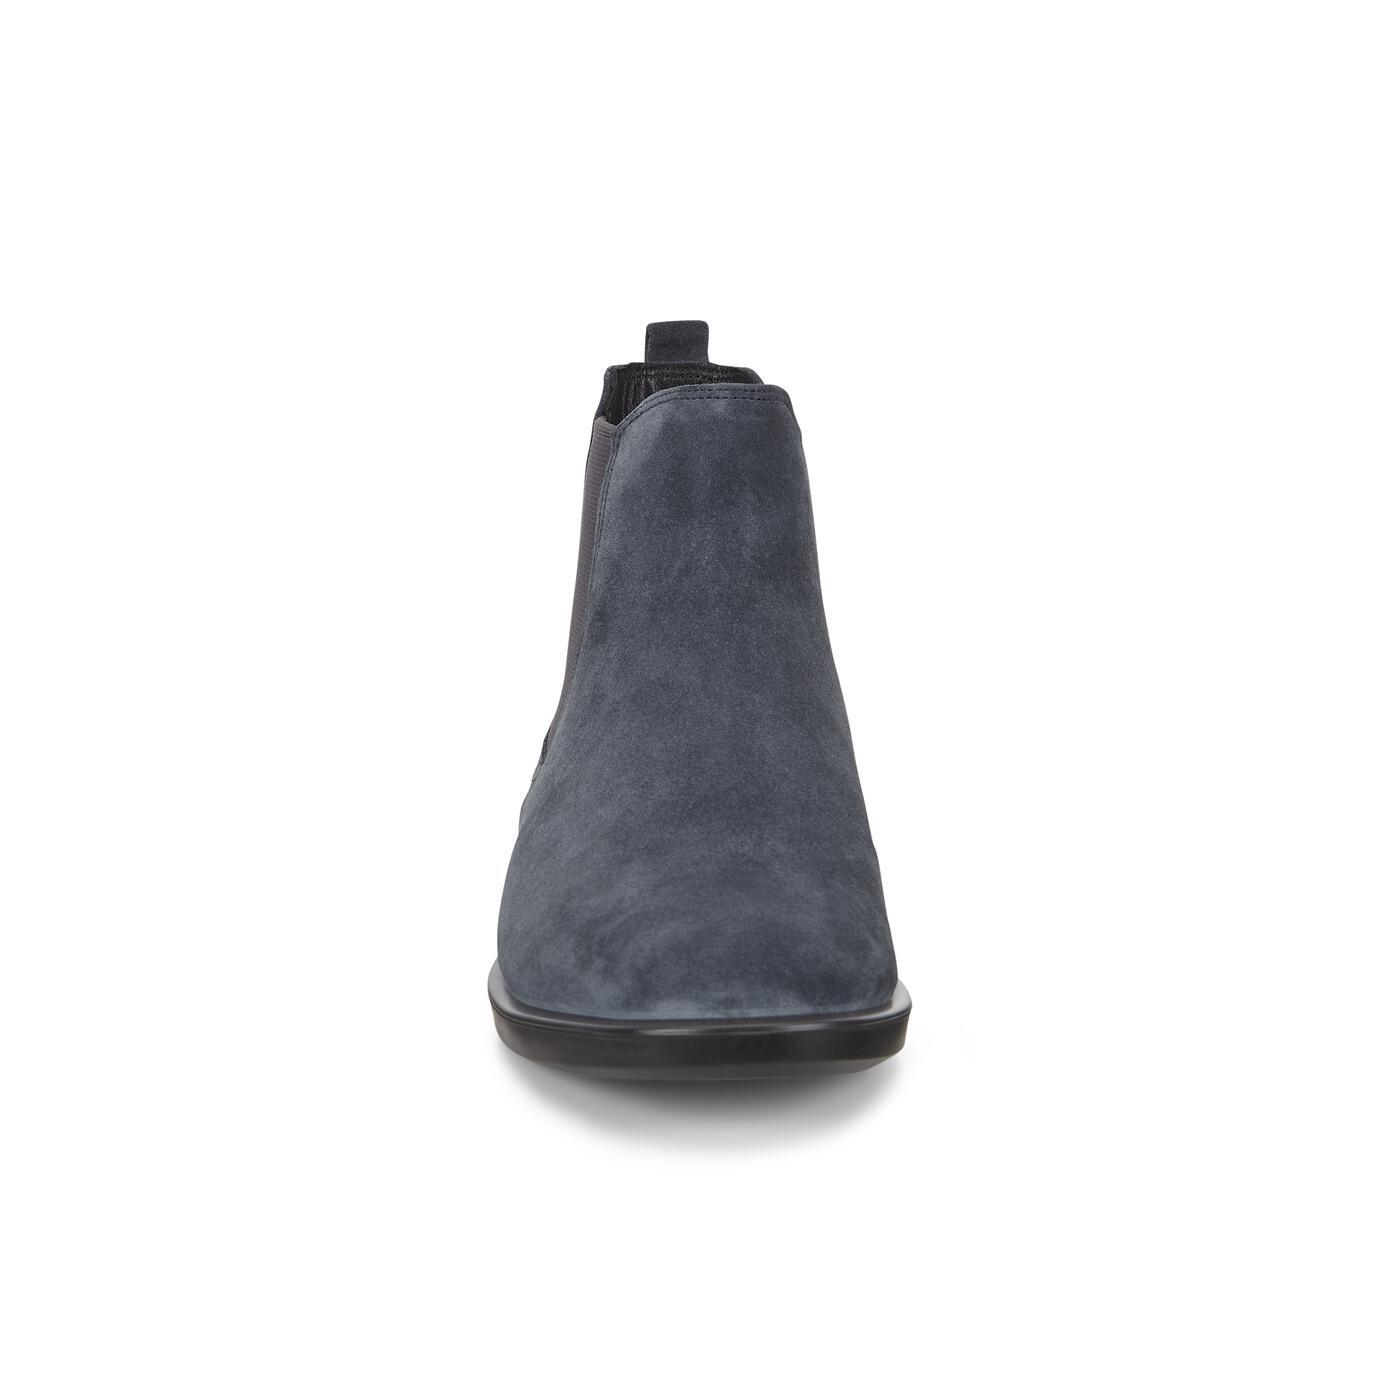 Botte Cheslea ECCO Shape M 15